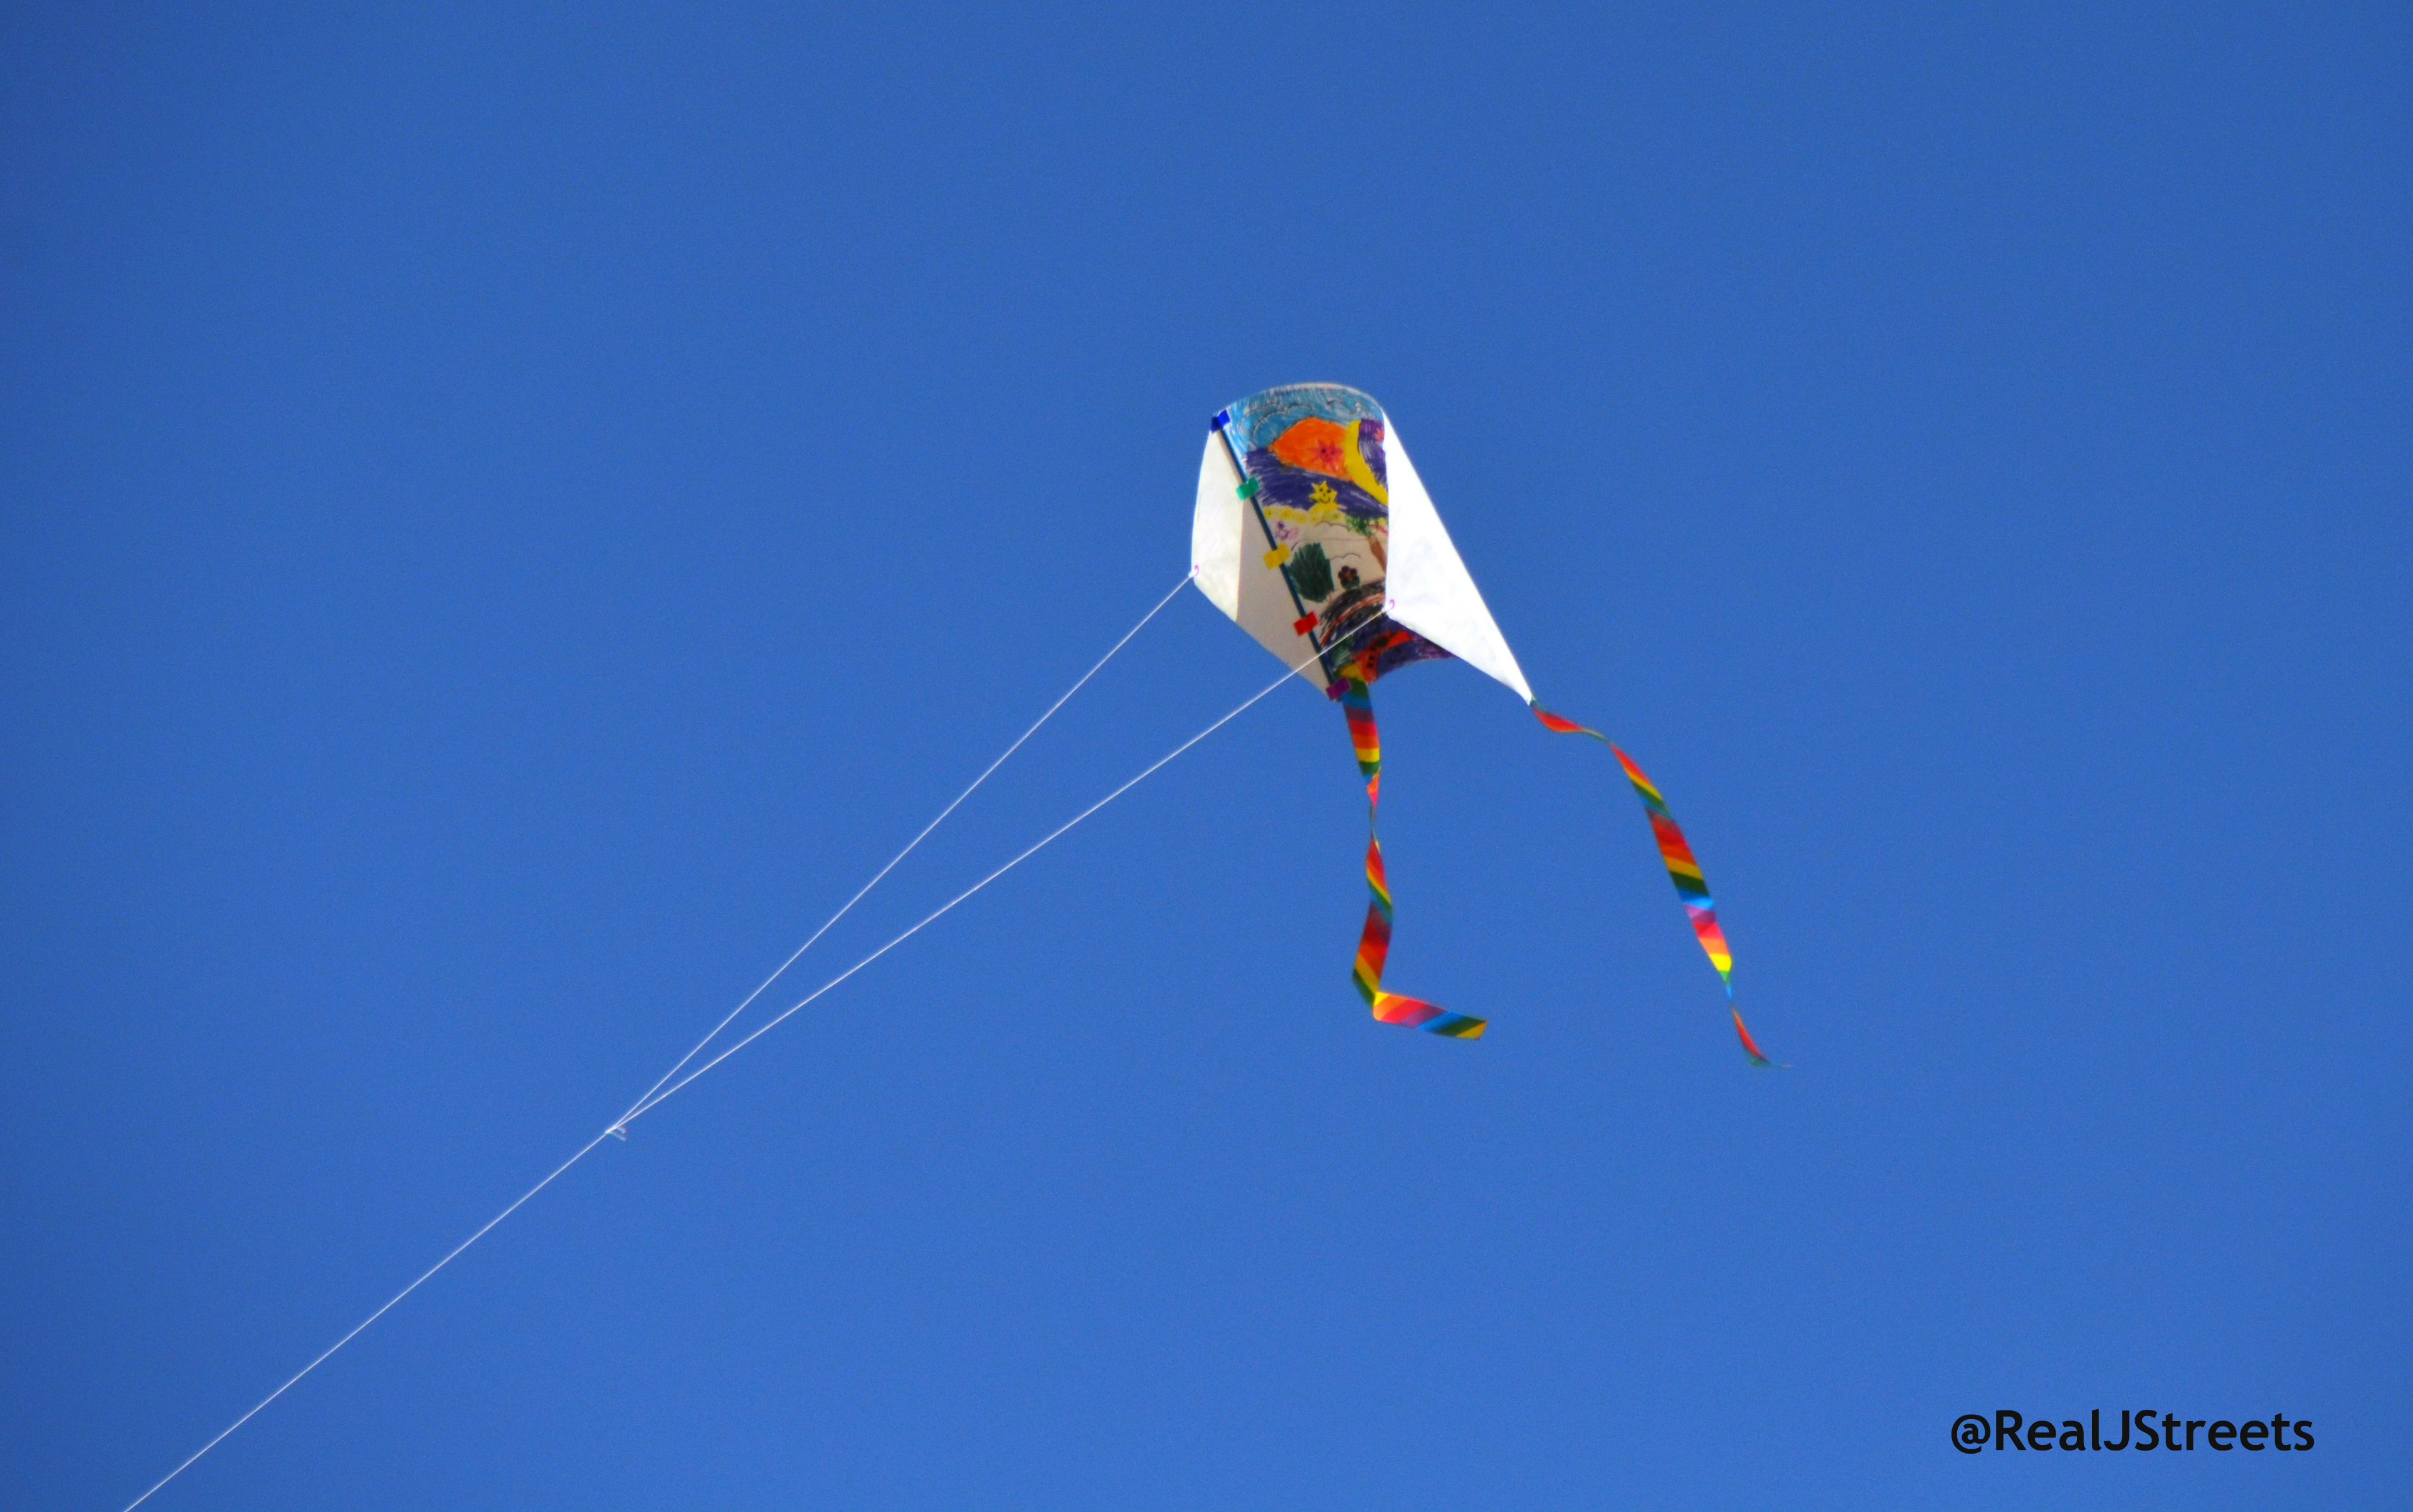 kite, kite in sky, Kite festival Israel museum